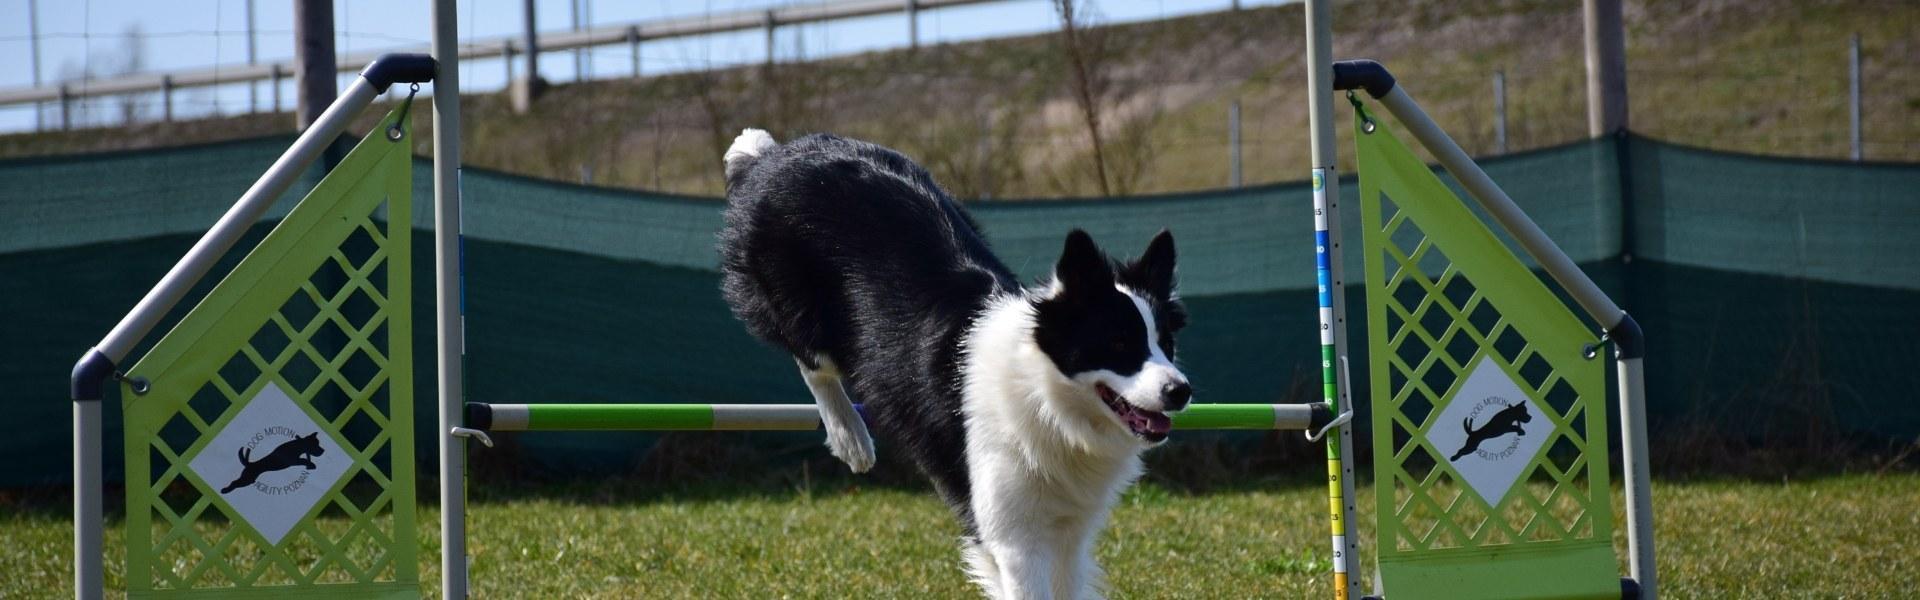 Pies przeskakujący przez tyczkę